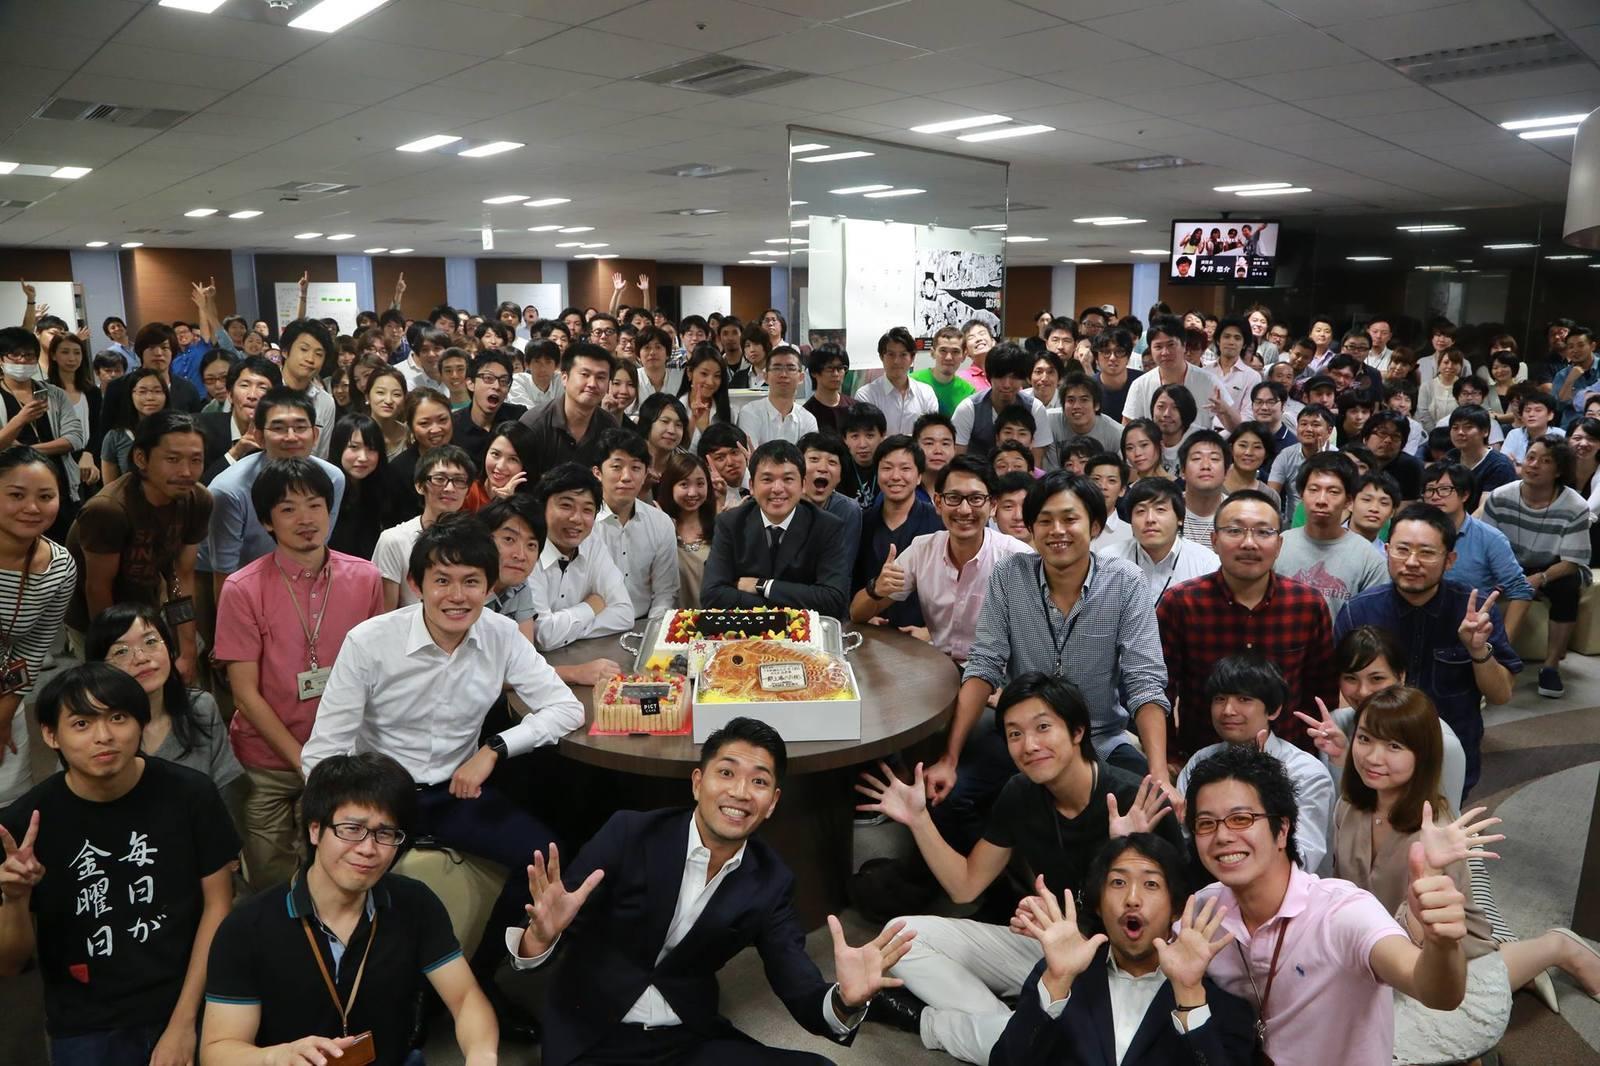 株式会社VOYAGE GROUP・働きがいある会社2年連続No1!日本最大級の広告配信プラットフォームにてエンジニアを募集!